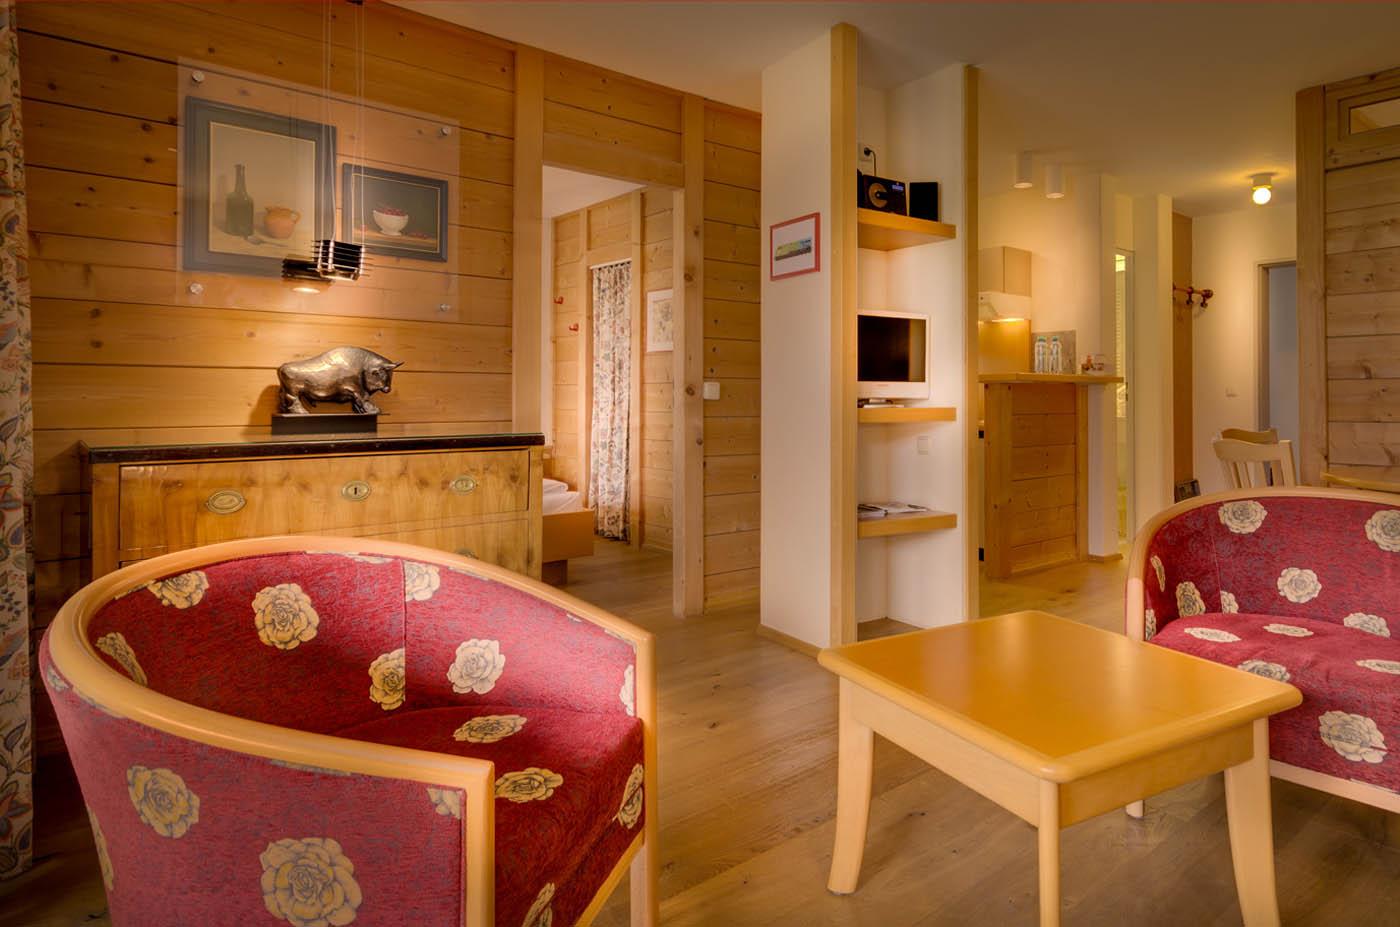 Dreizimmer-Appartement mit 4 Sternen im Appartementhotel Seespitz in Füssen